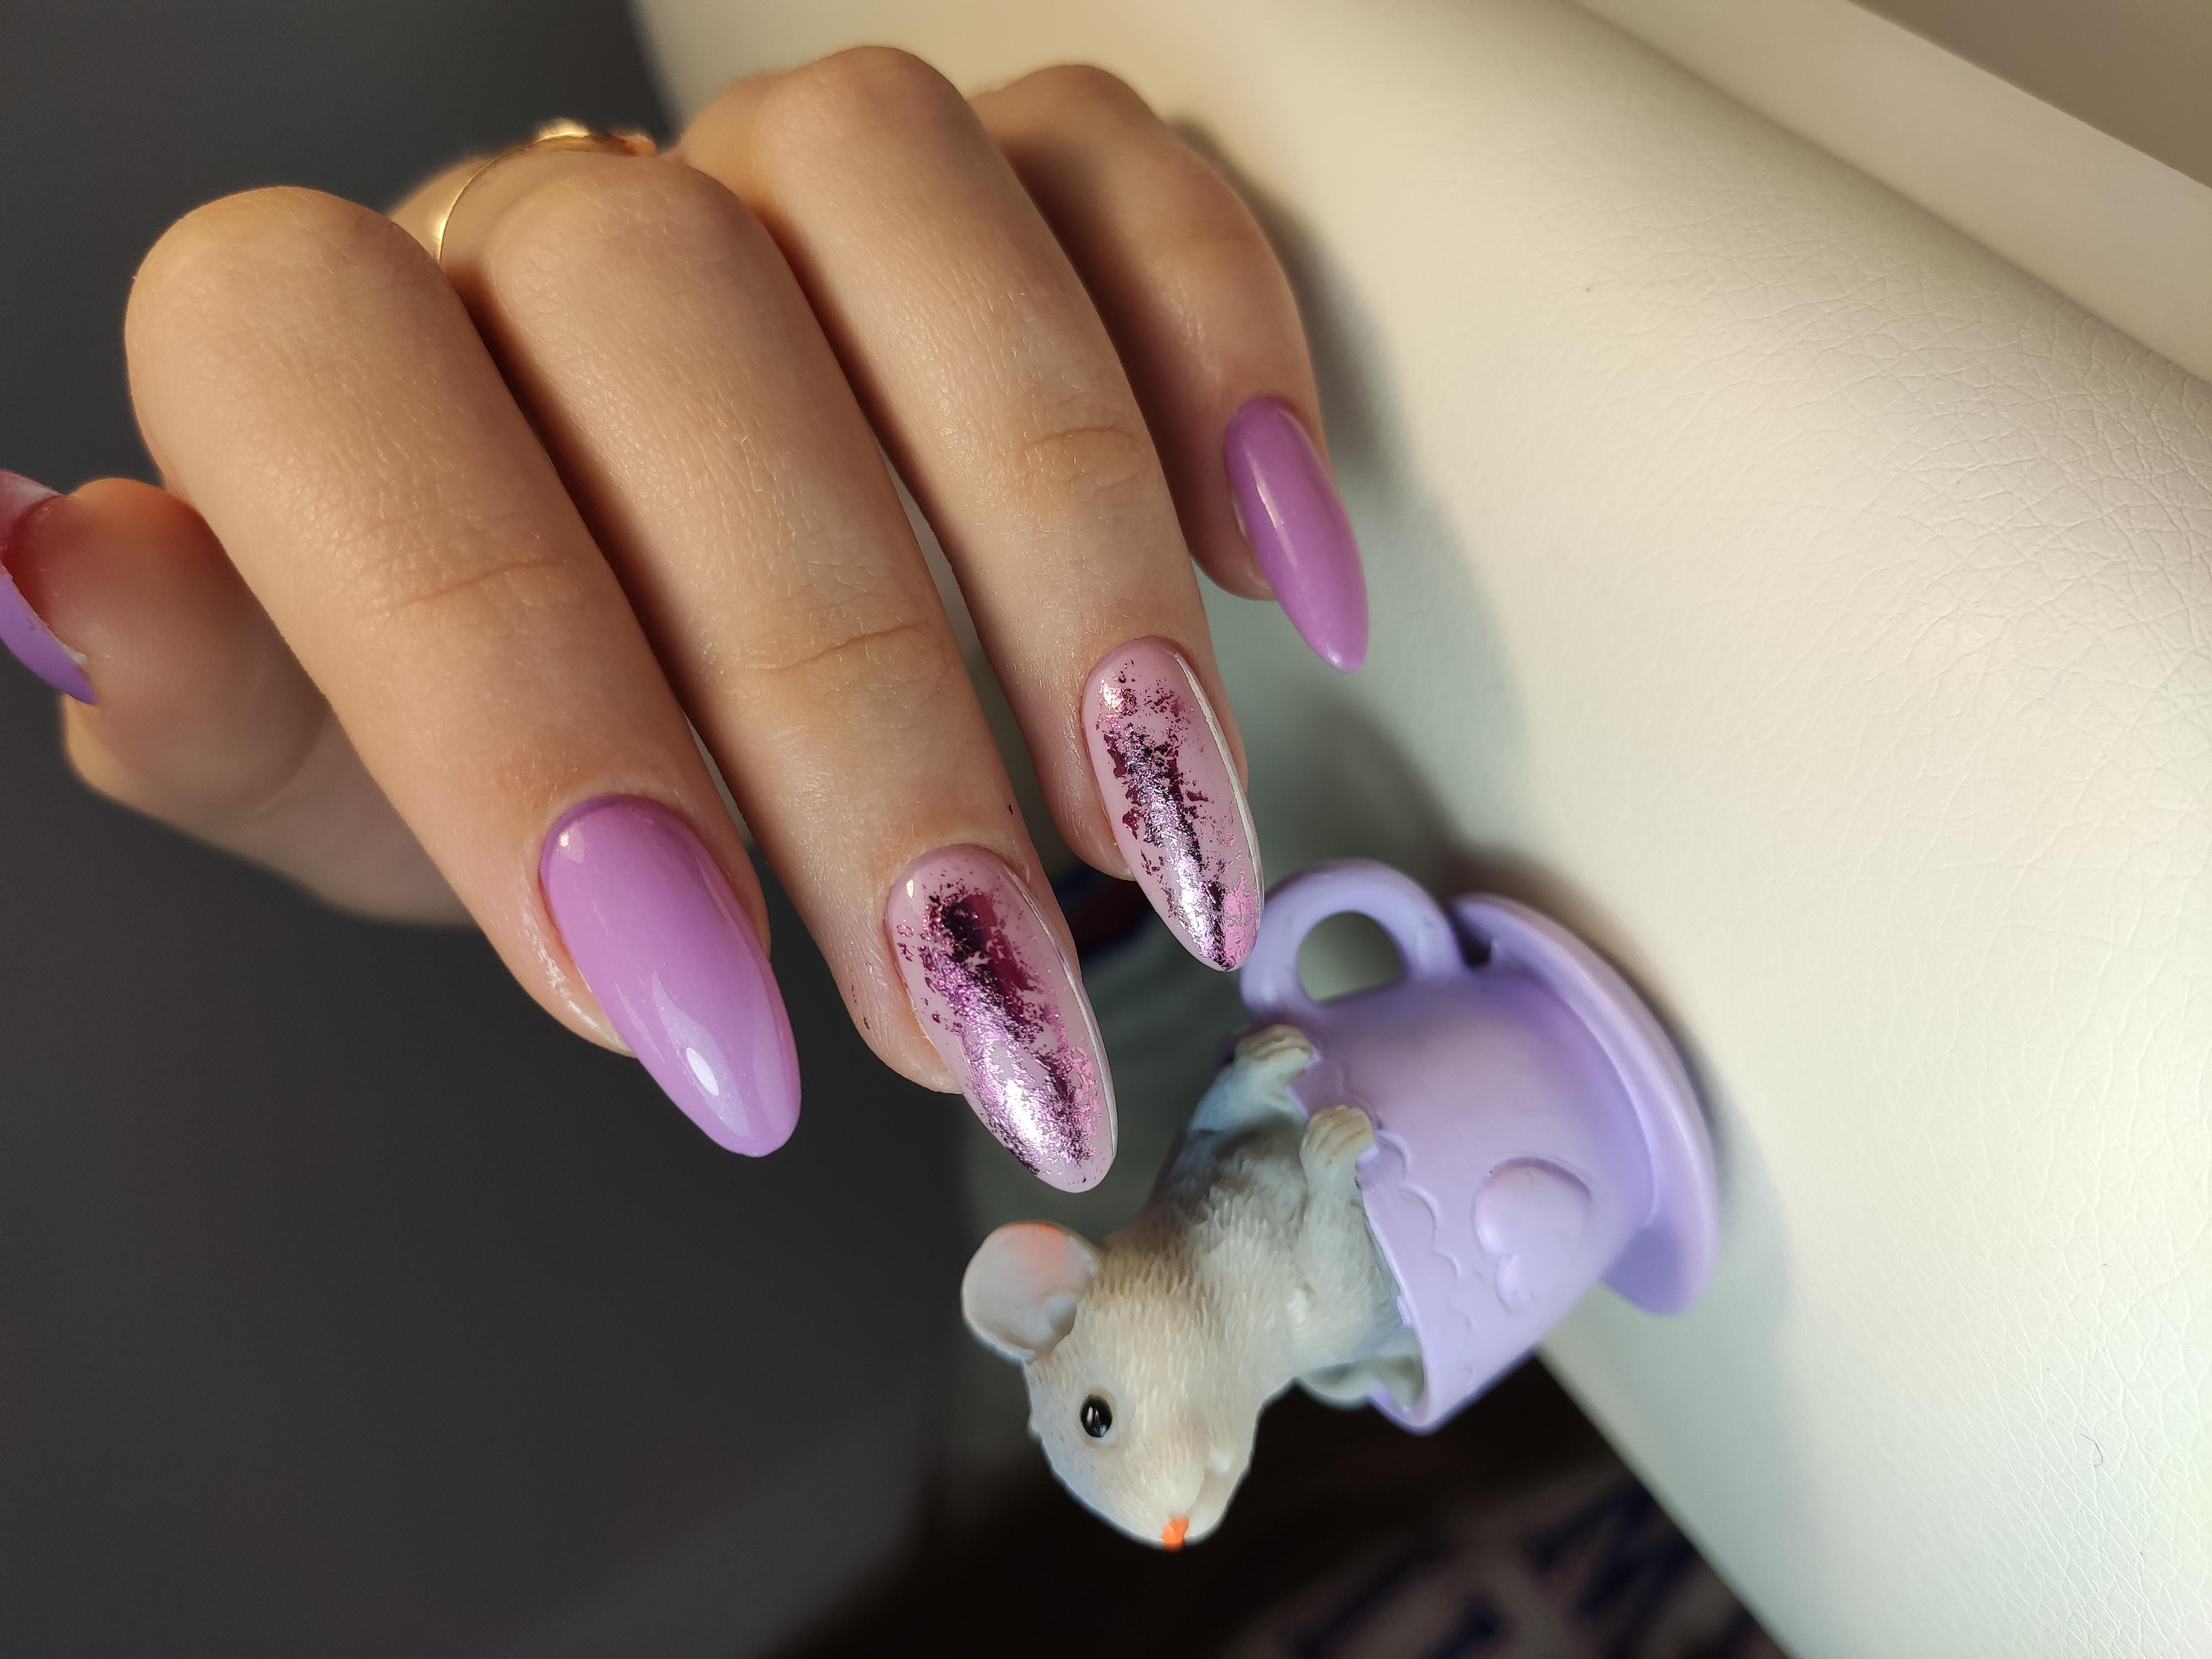 Маникюр в сиреневом цвете с розовым дизайном и блёстками.